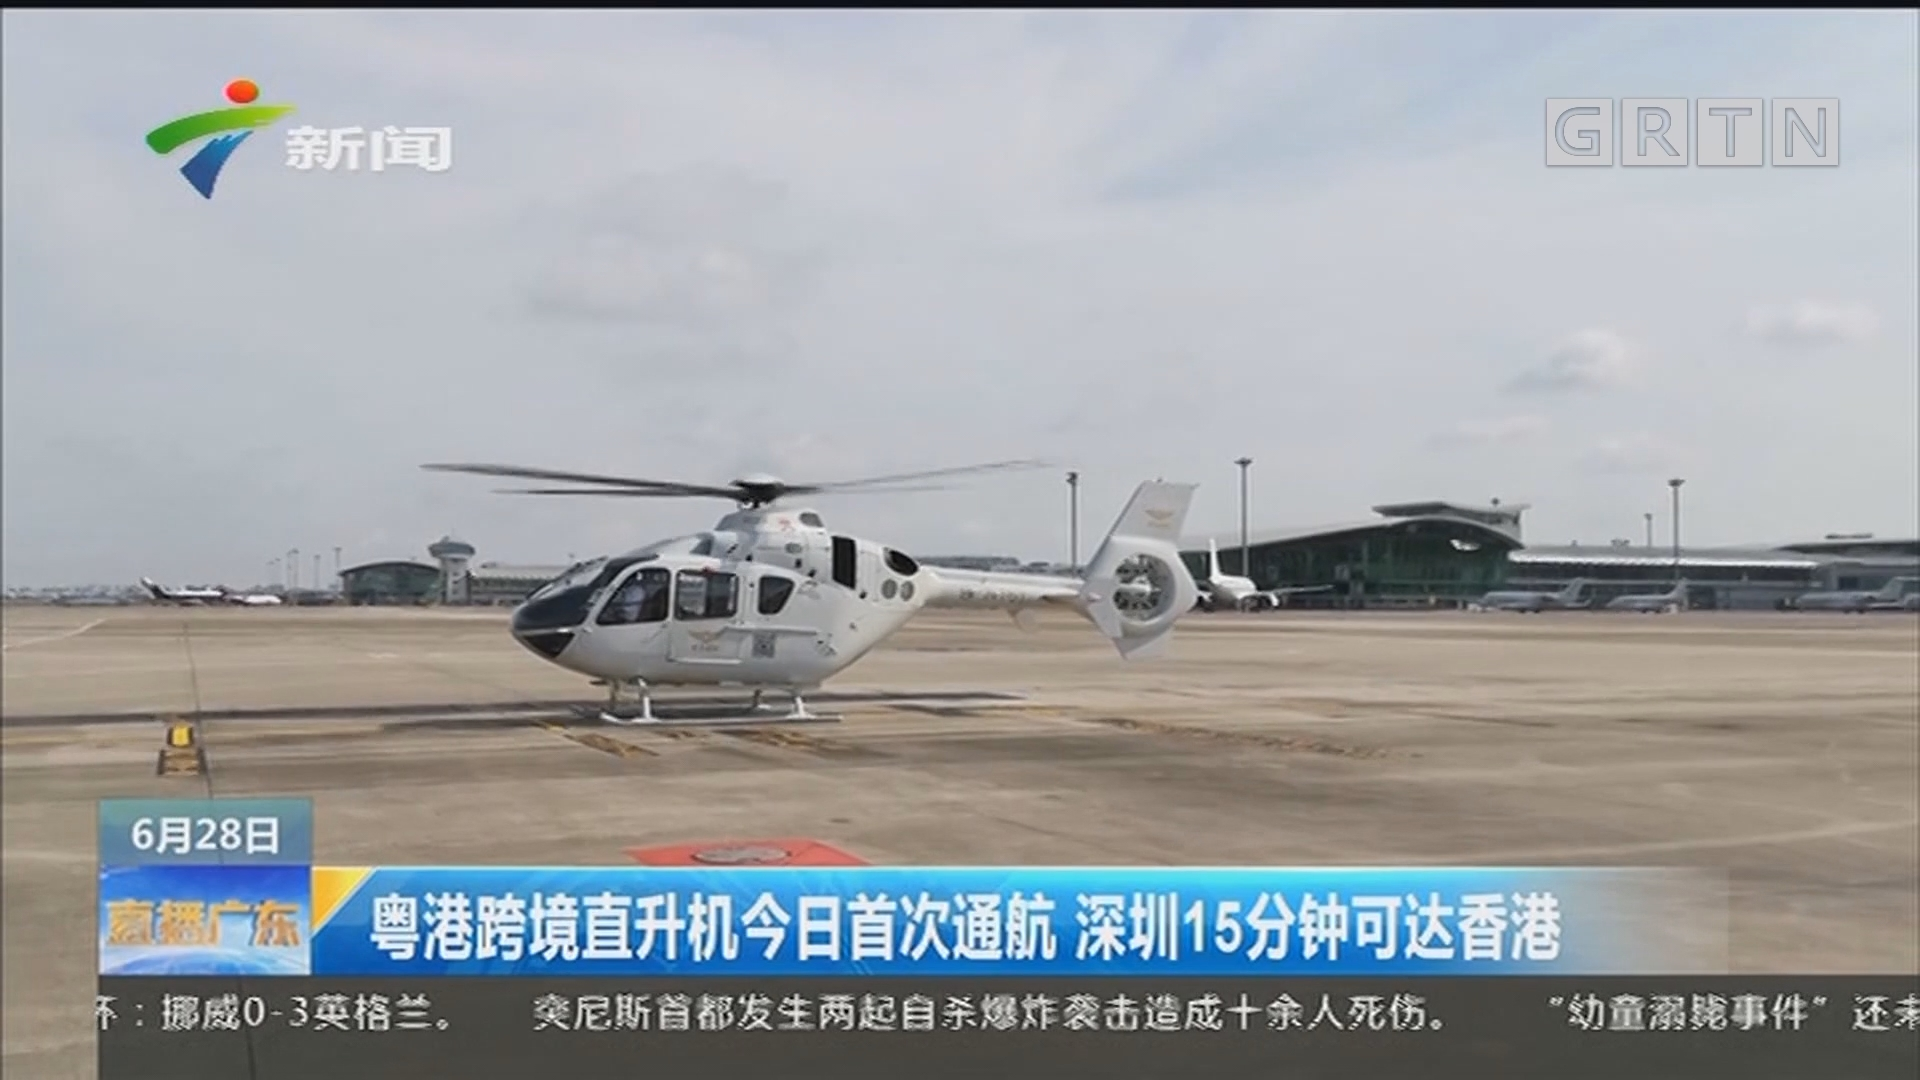 粤港跨境直升机今日首次通航 深圳15分钟可达香港